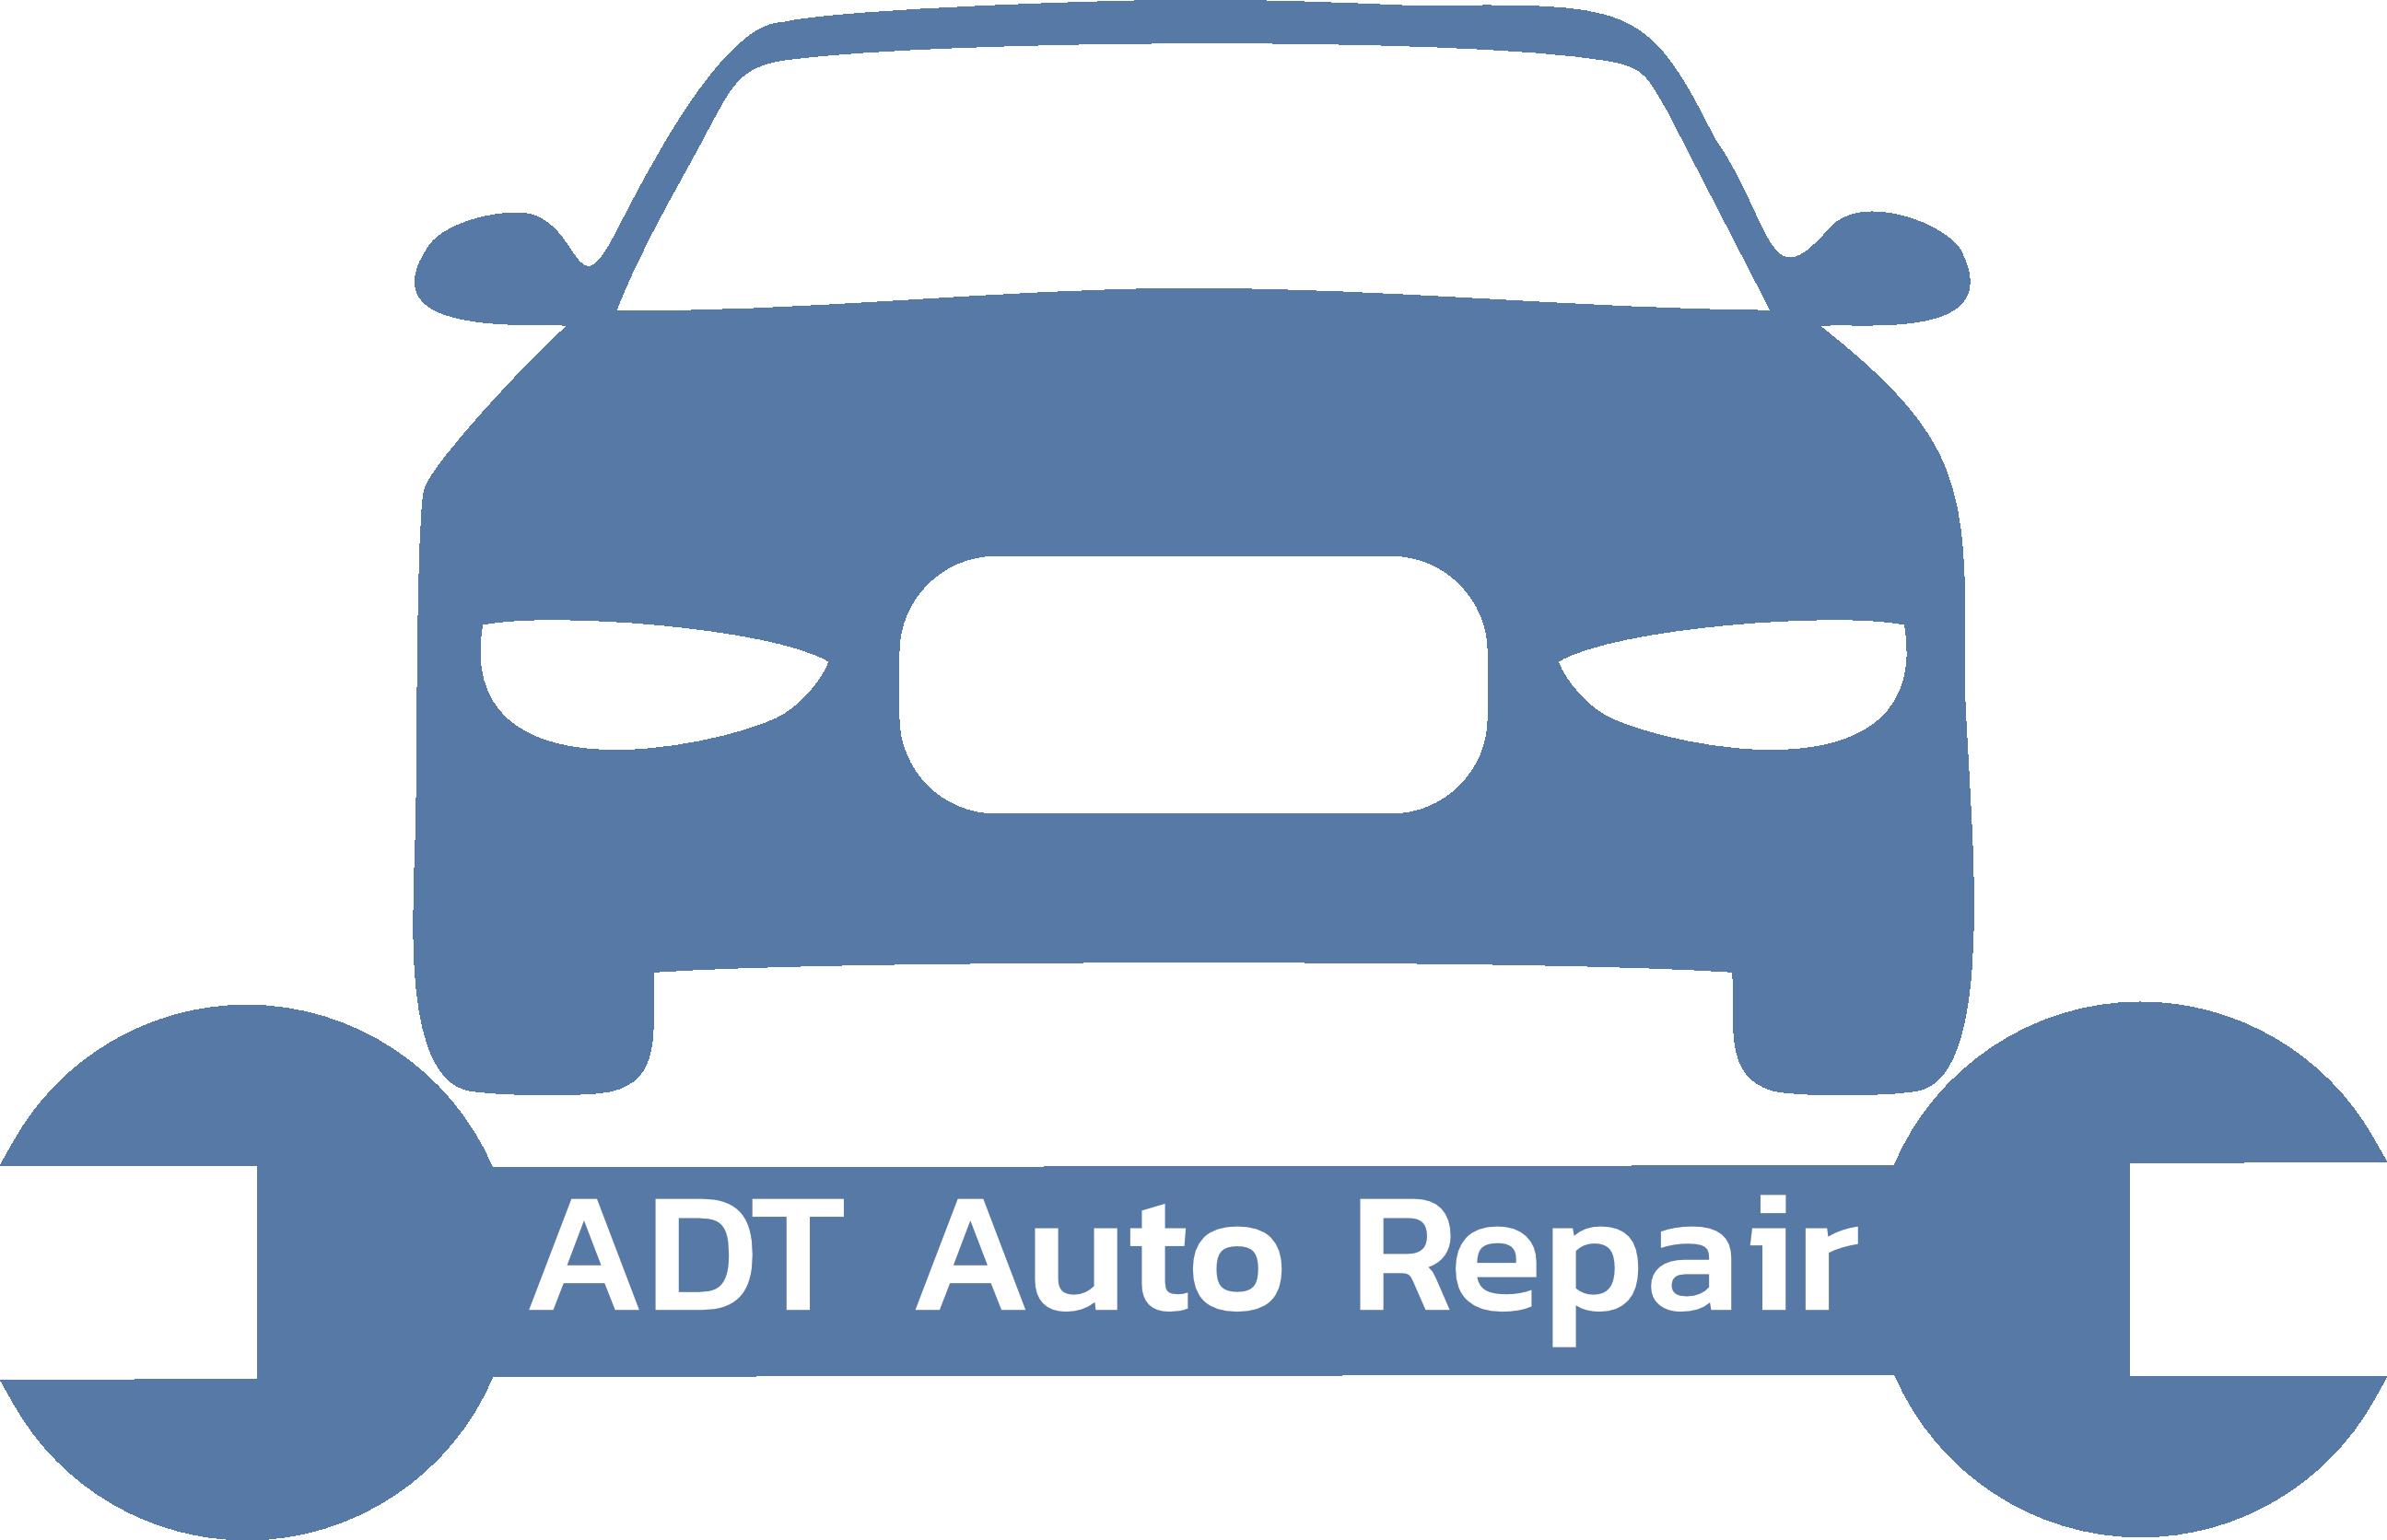 ADT Auto Repair